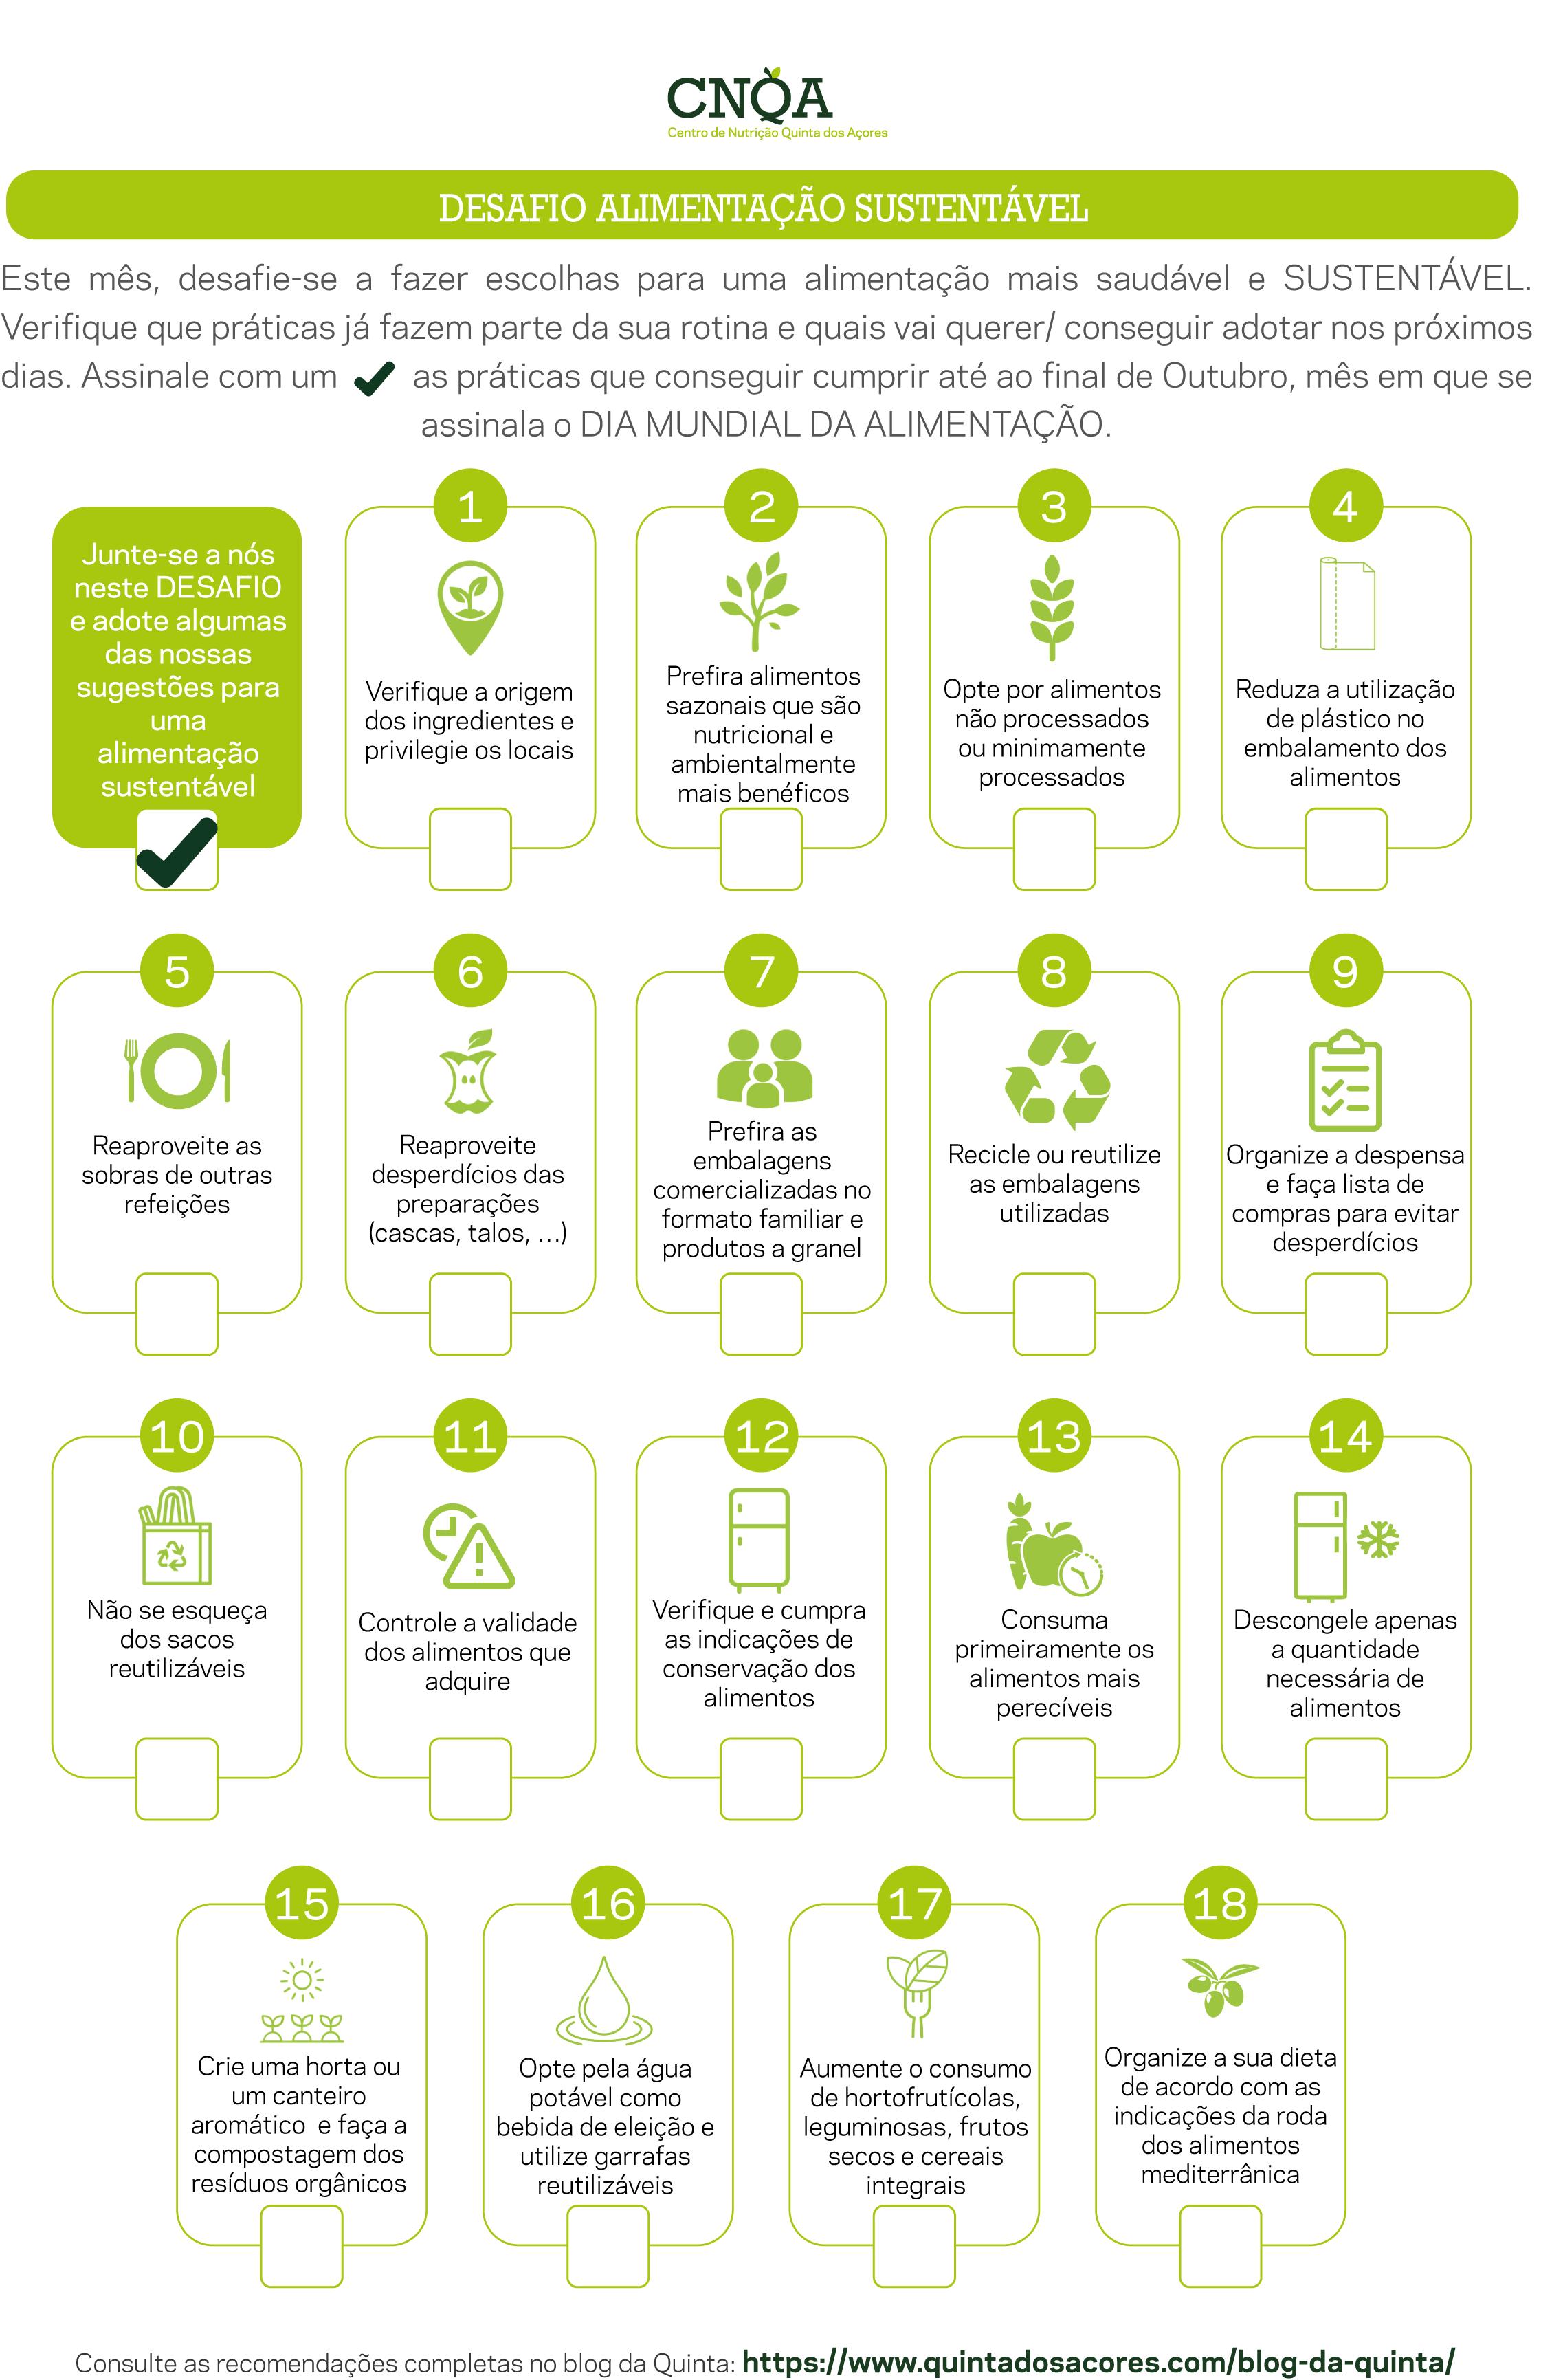 lista de recomendações para uma alimentação mais sustentável